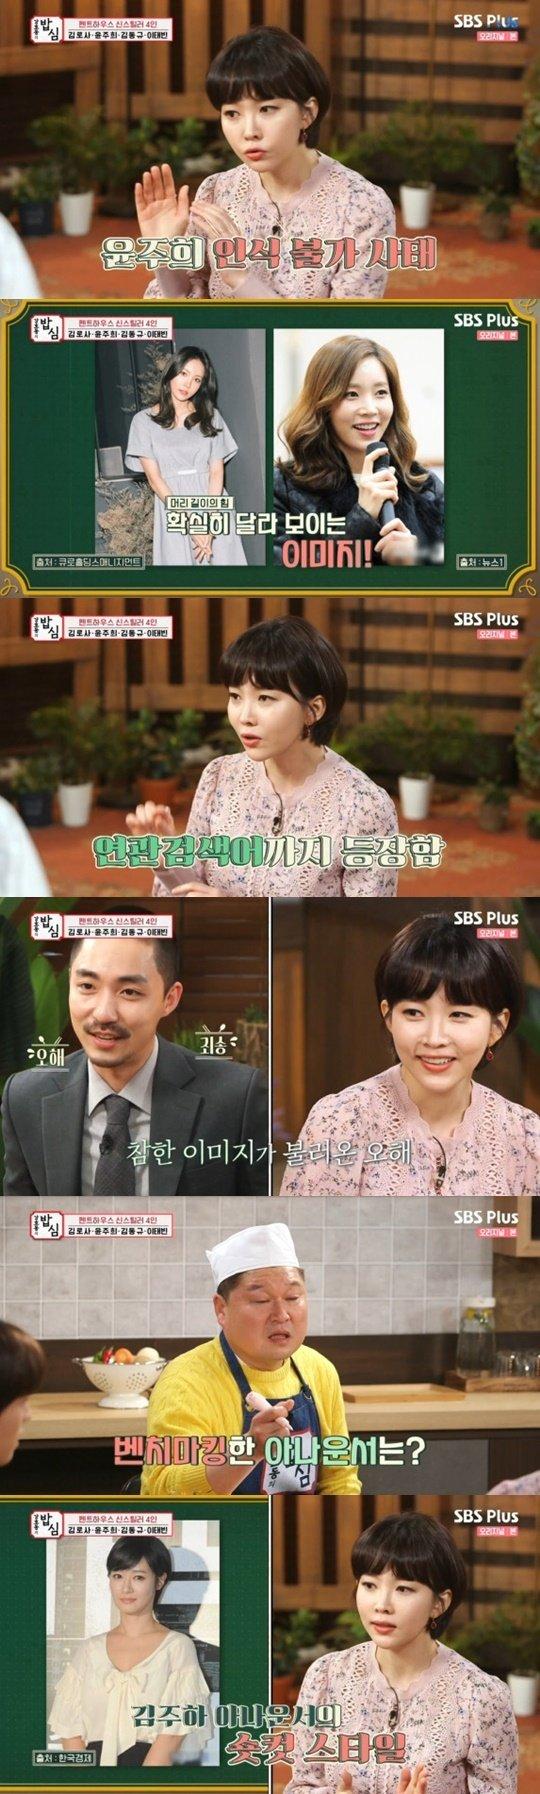 '펜트하우스3' 고상아 '김주하 아나운서' 통해 탄생(사진=SBS플러스)